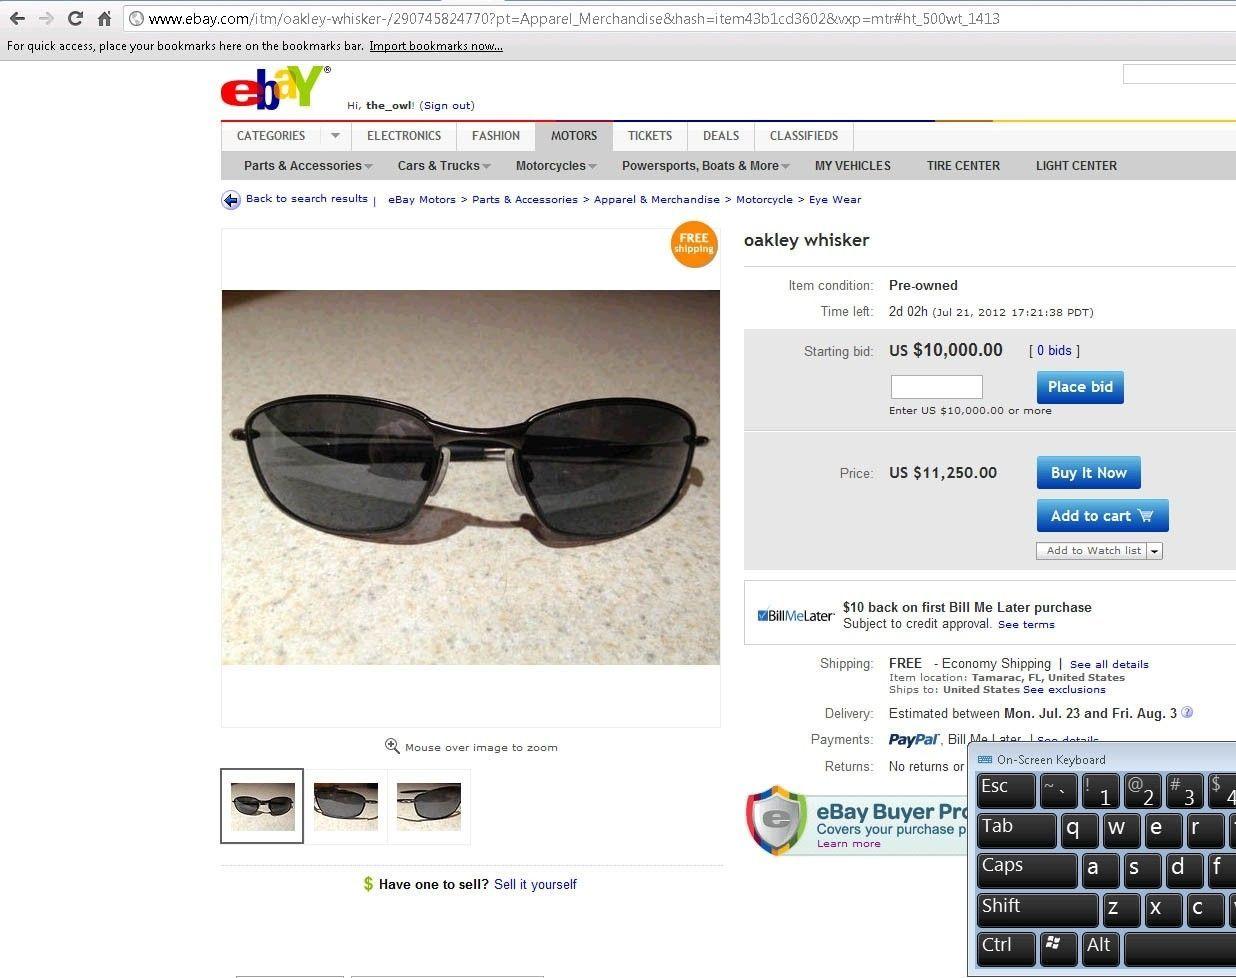 $10,000 Whiskers? - whiska.jpg